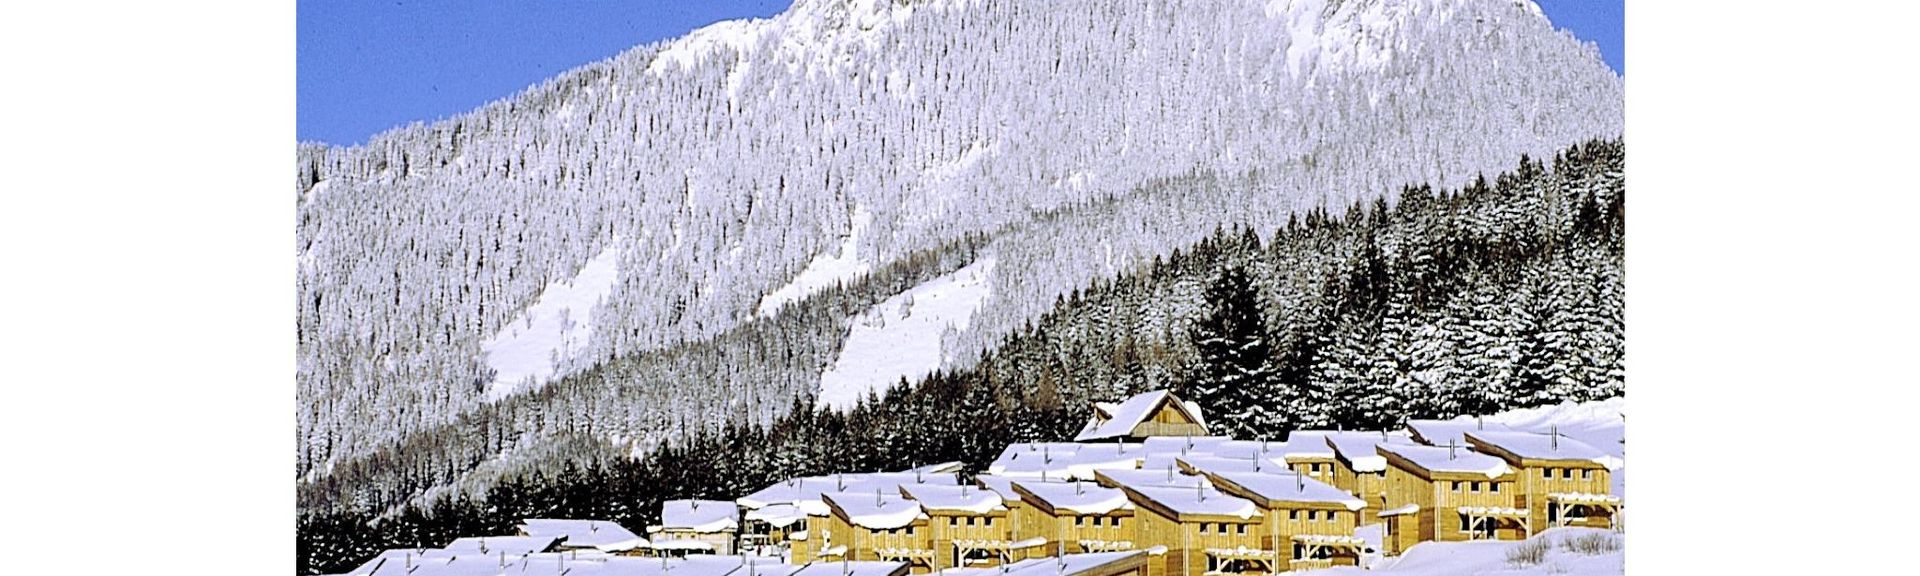 Admont Frauenberg an der Enns stasjon, Admont, Steiermark, Østerrike